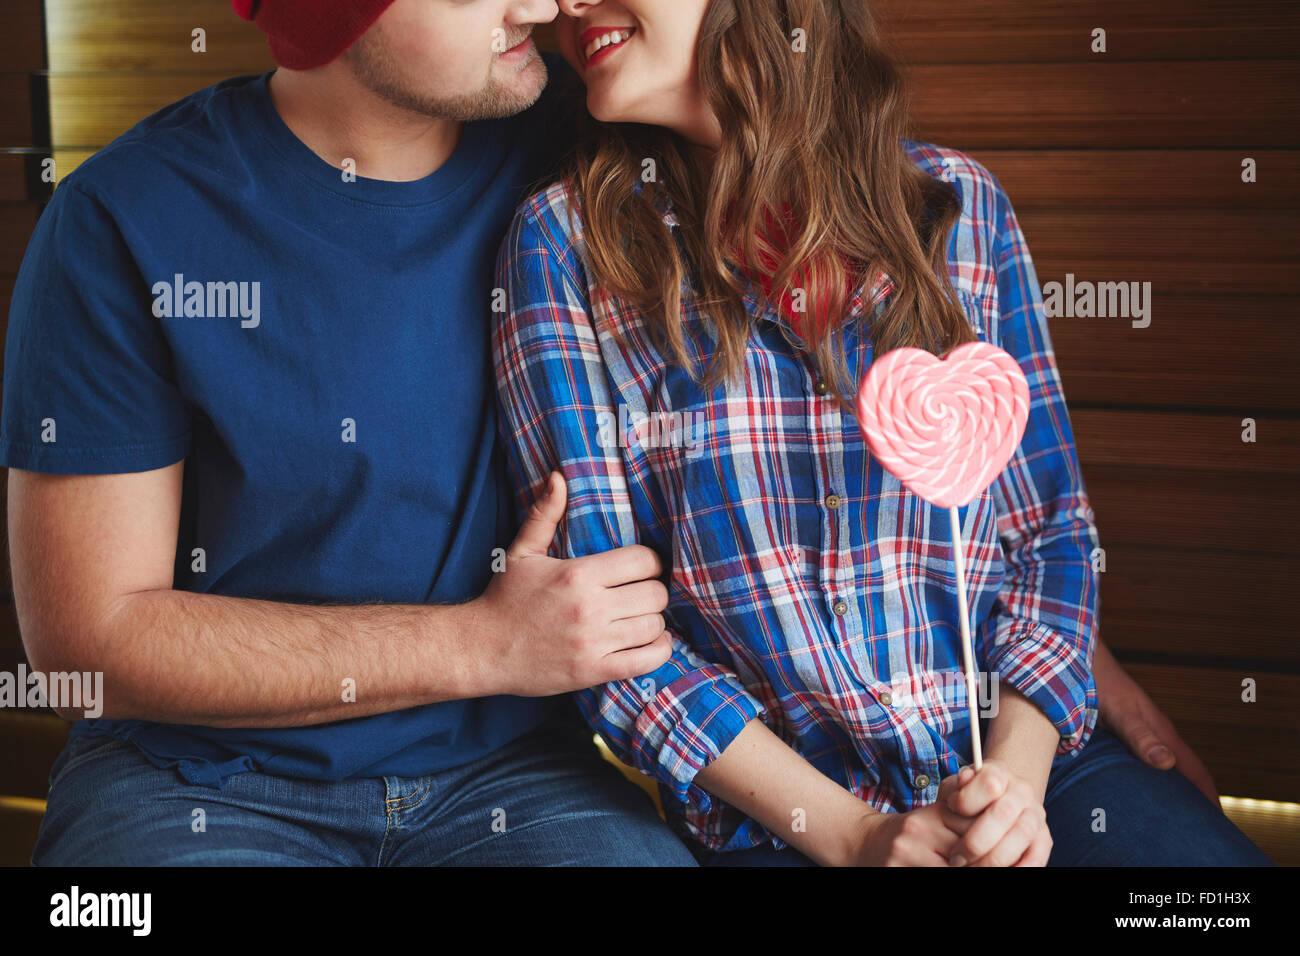 Femme amoureuse avec heartshaped candy flirte avec le jeune homme Photo Stock